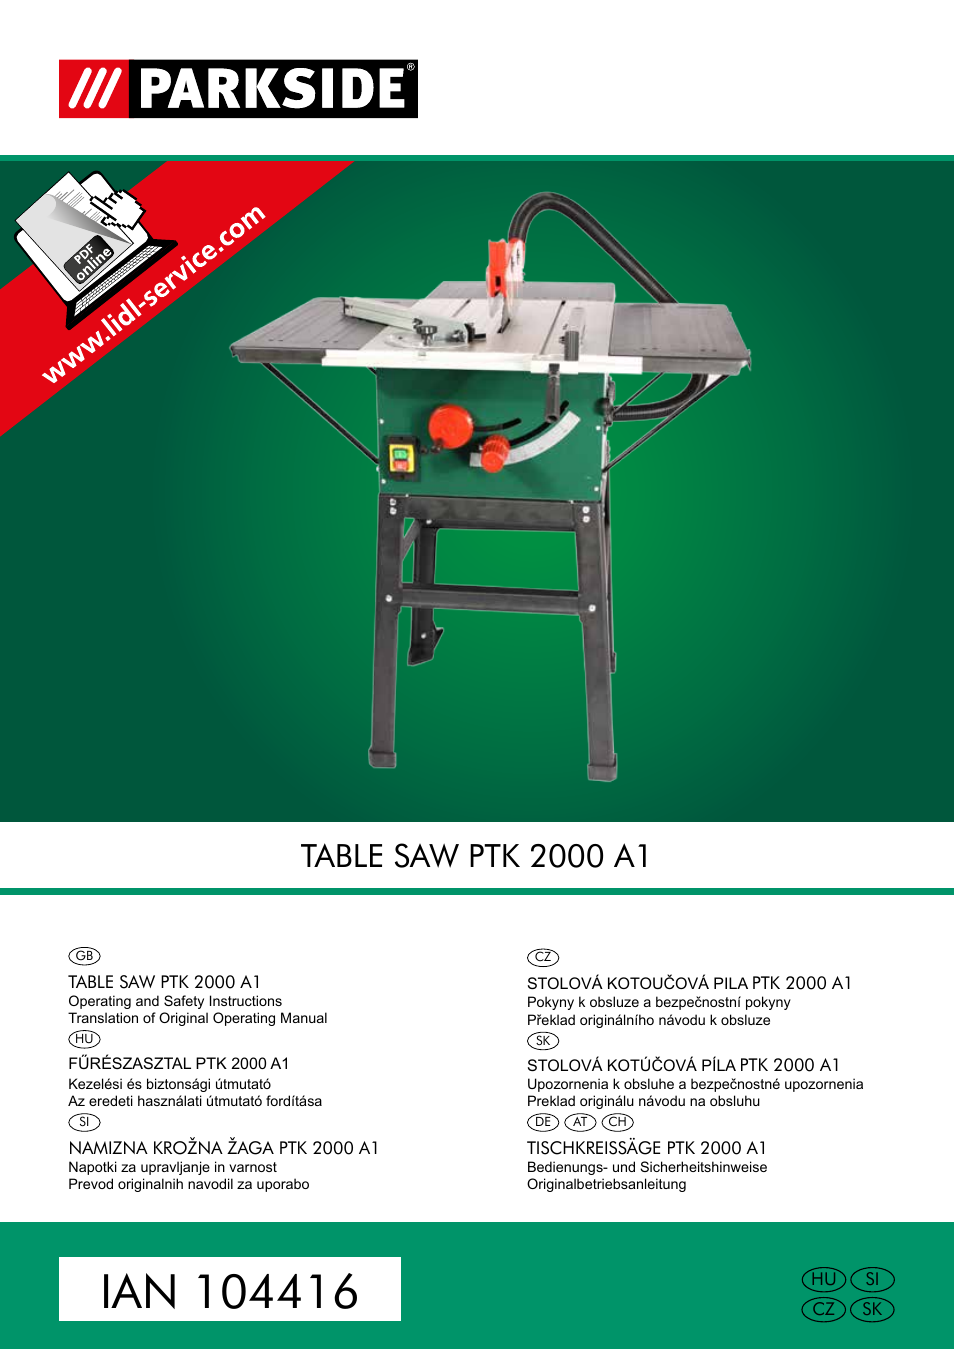 parkside ptk 2000 a1 user manual 90 pages. Black Bedroom Furniture Sets. Home Design Ideas